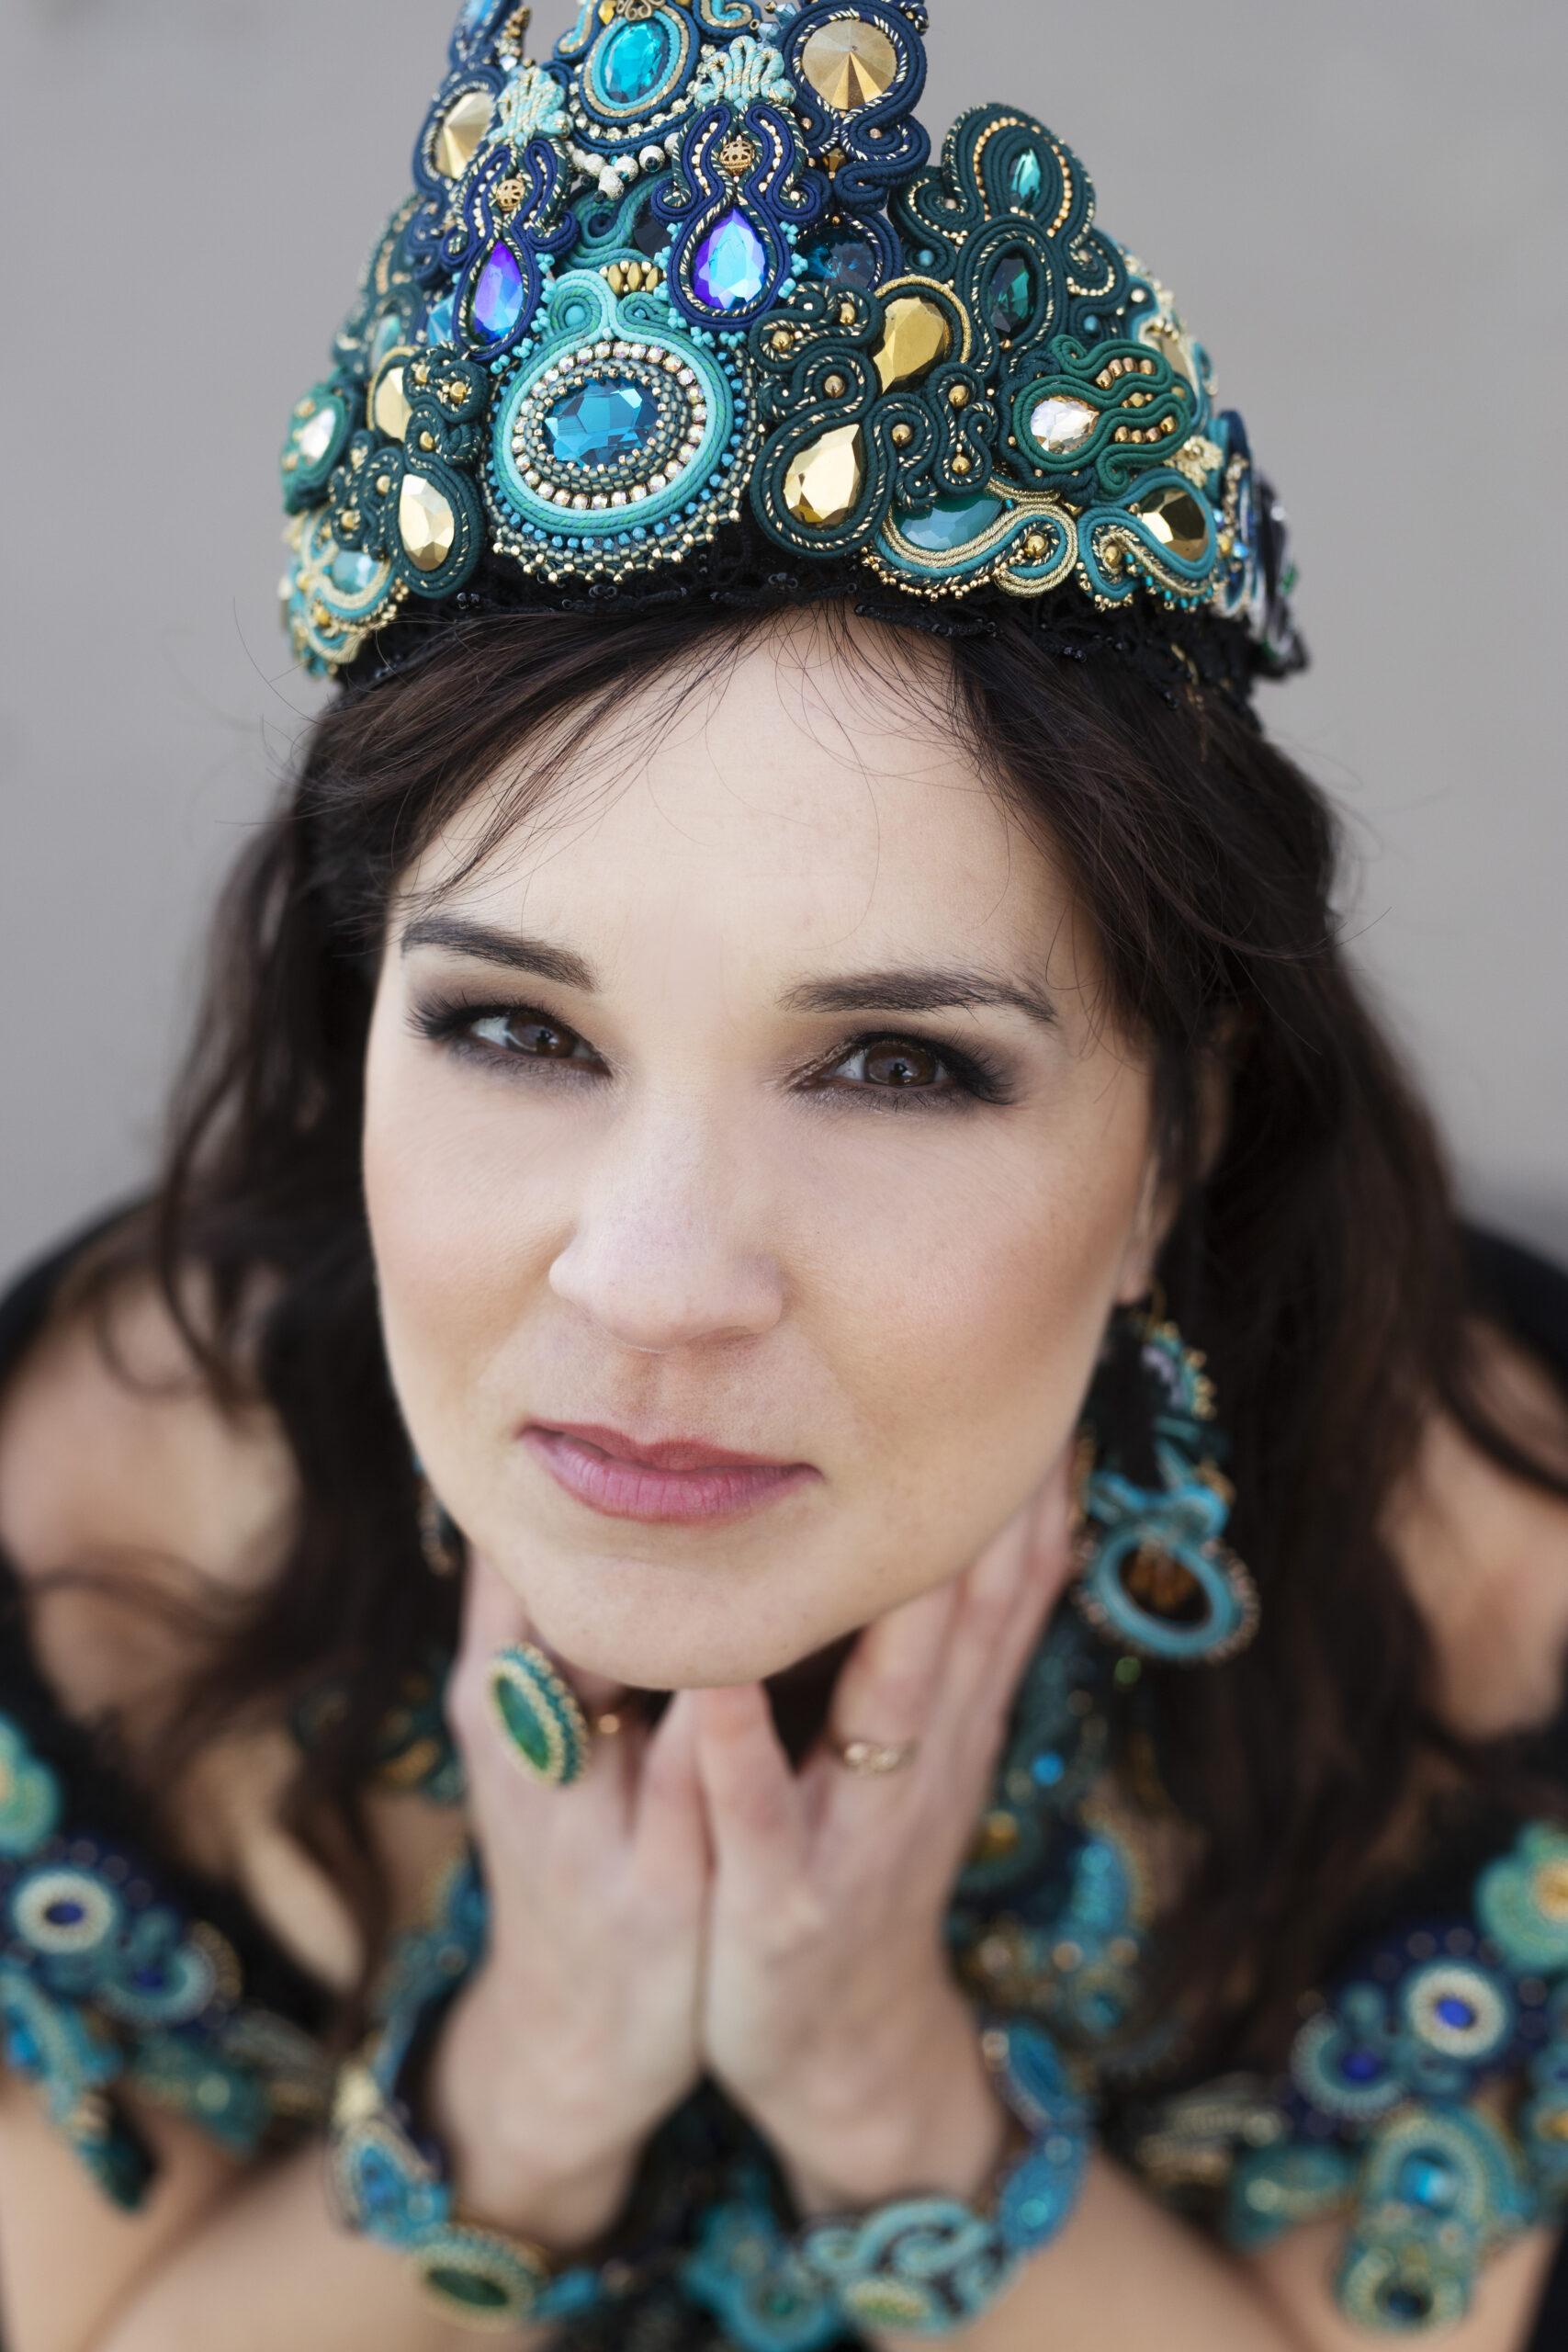 Księżniczka Sutaszu